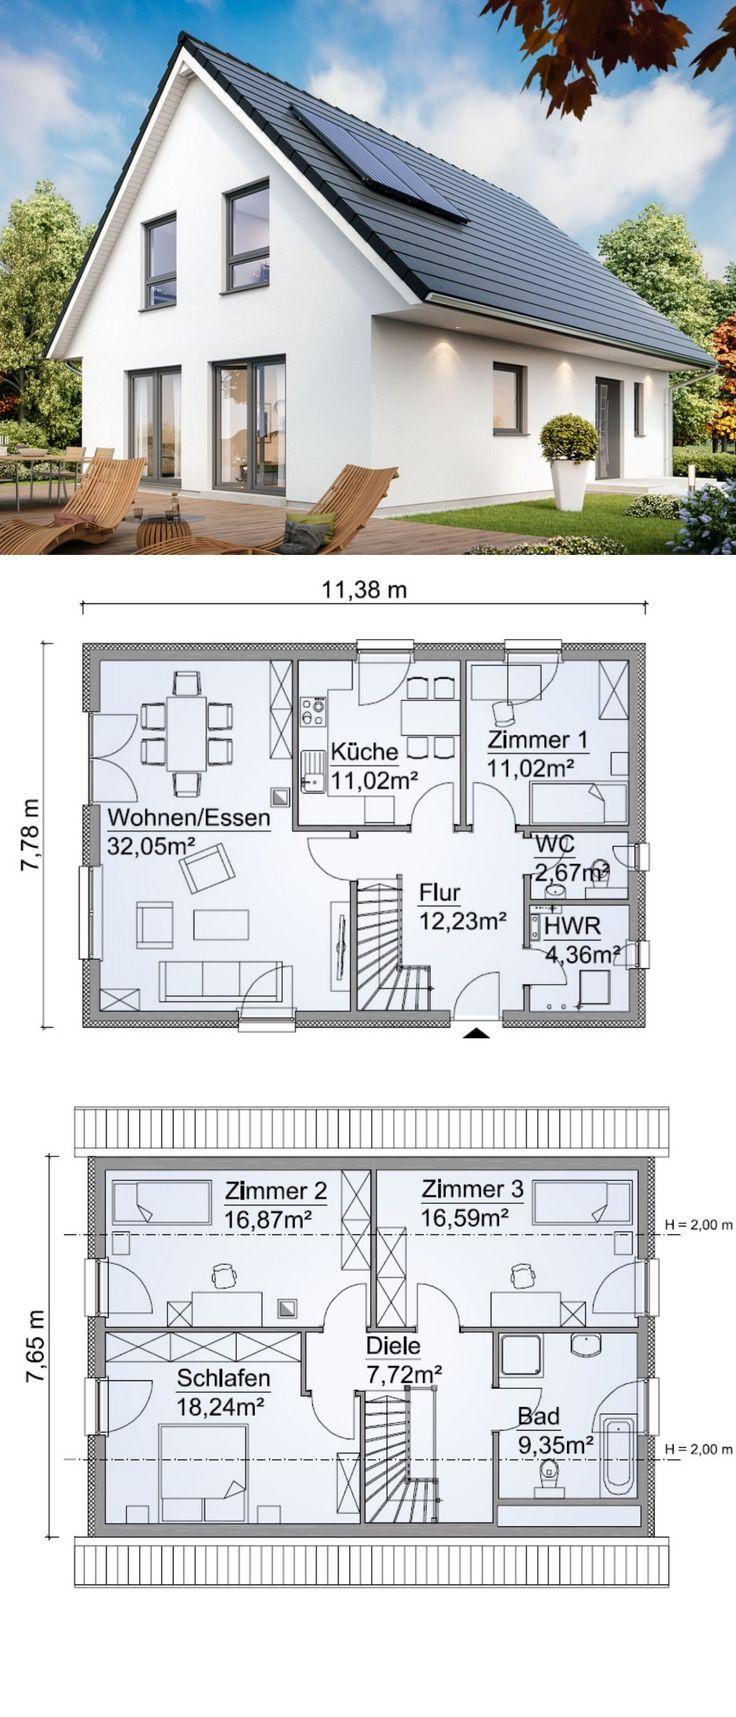 Modernes einfamilienhaus neubau klassisch mit satteldach for Architektur klassisch